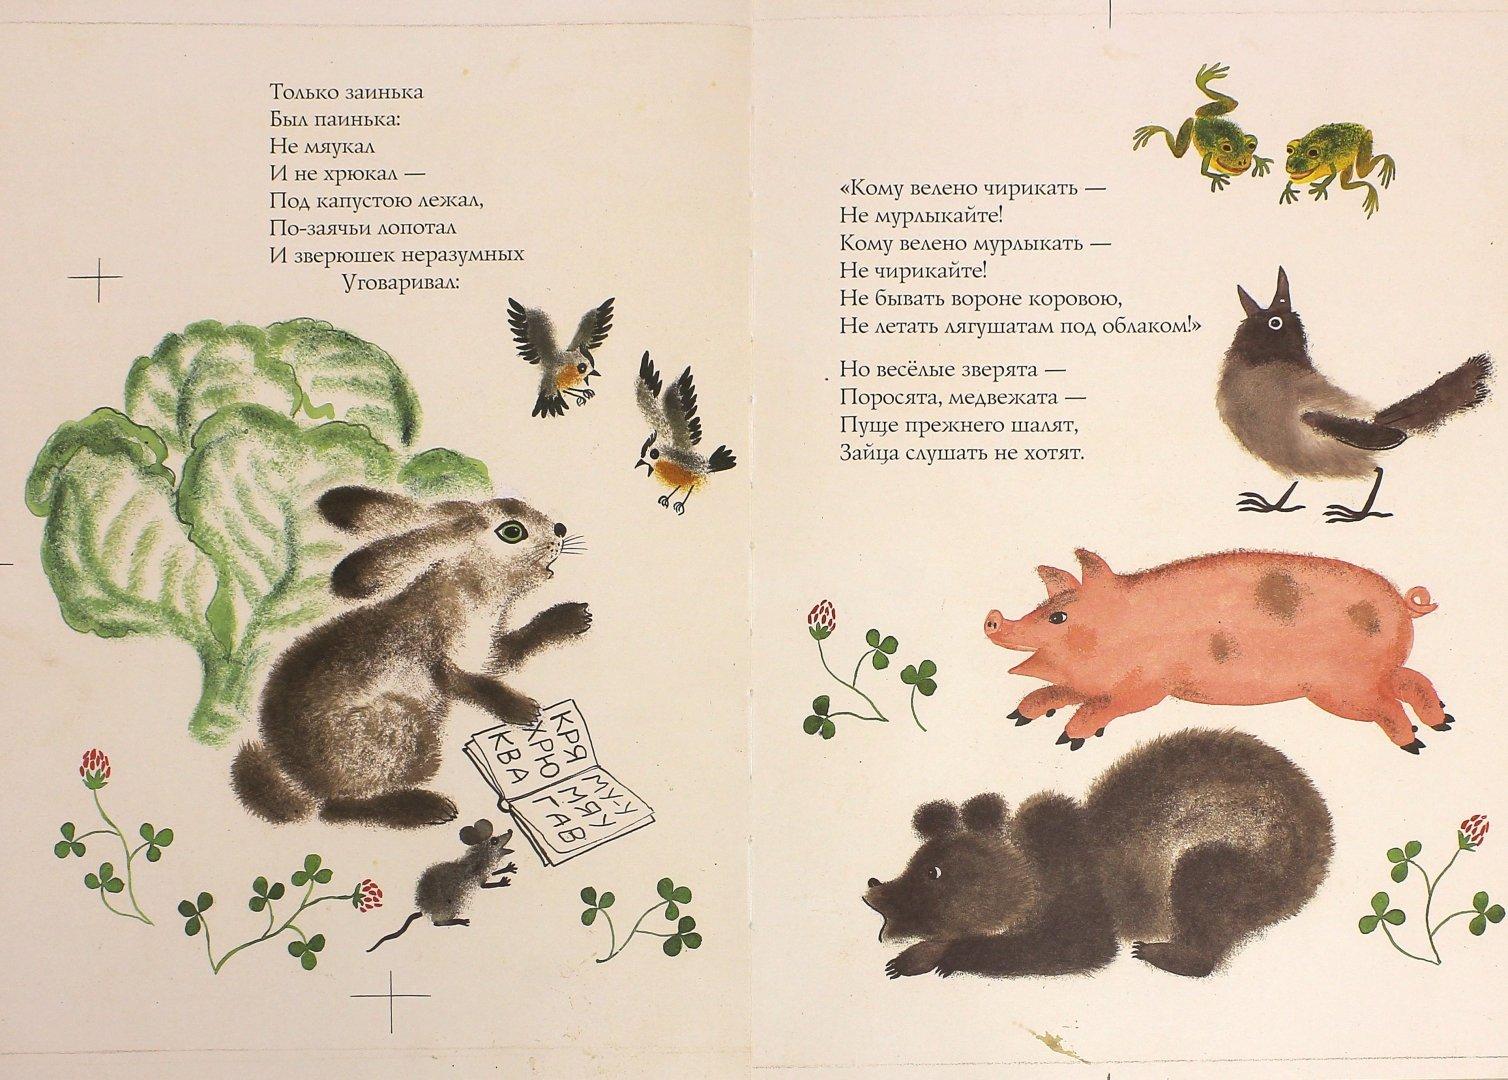 Иллюстрация 1 из 38 для Путаница - Корней Чуковский | Лабиринт - книги. Источник: Лабиринт